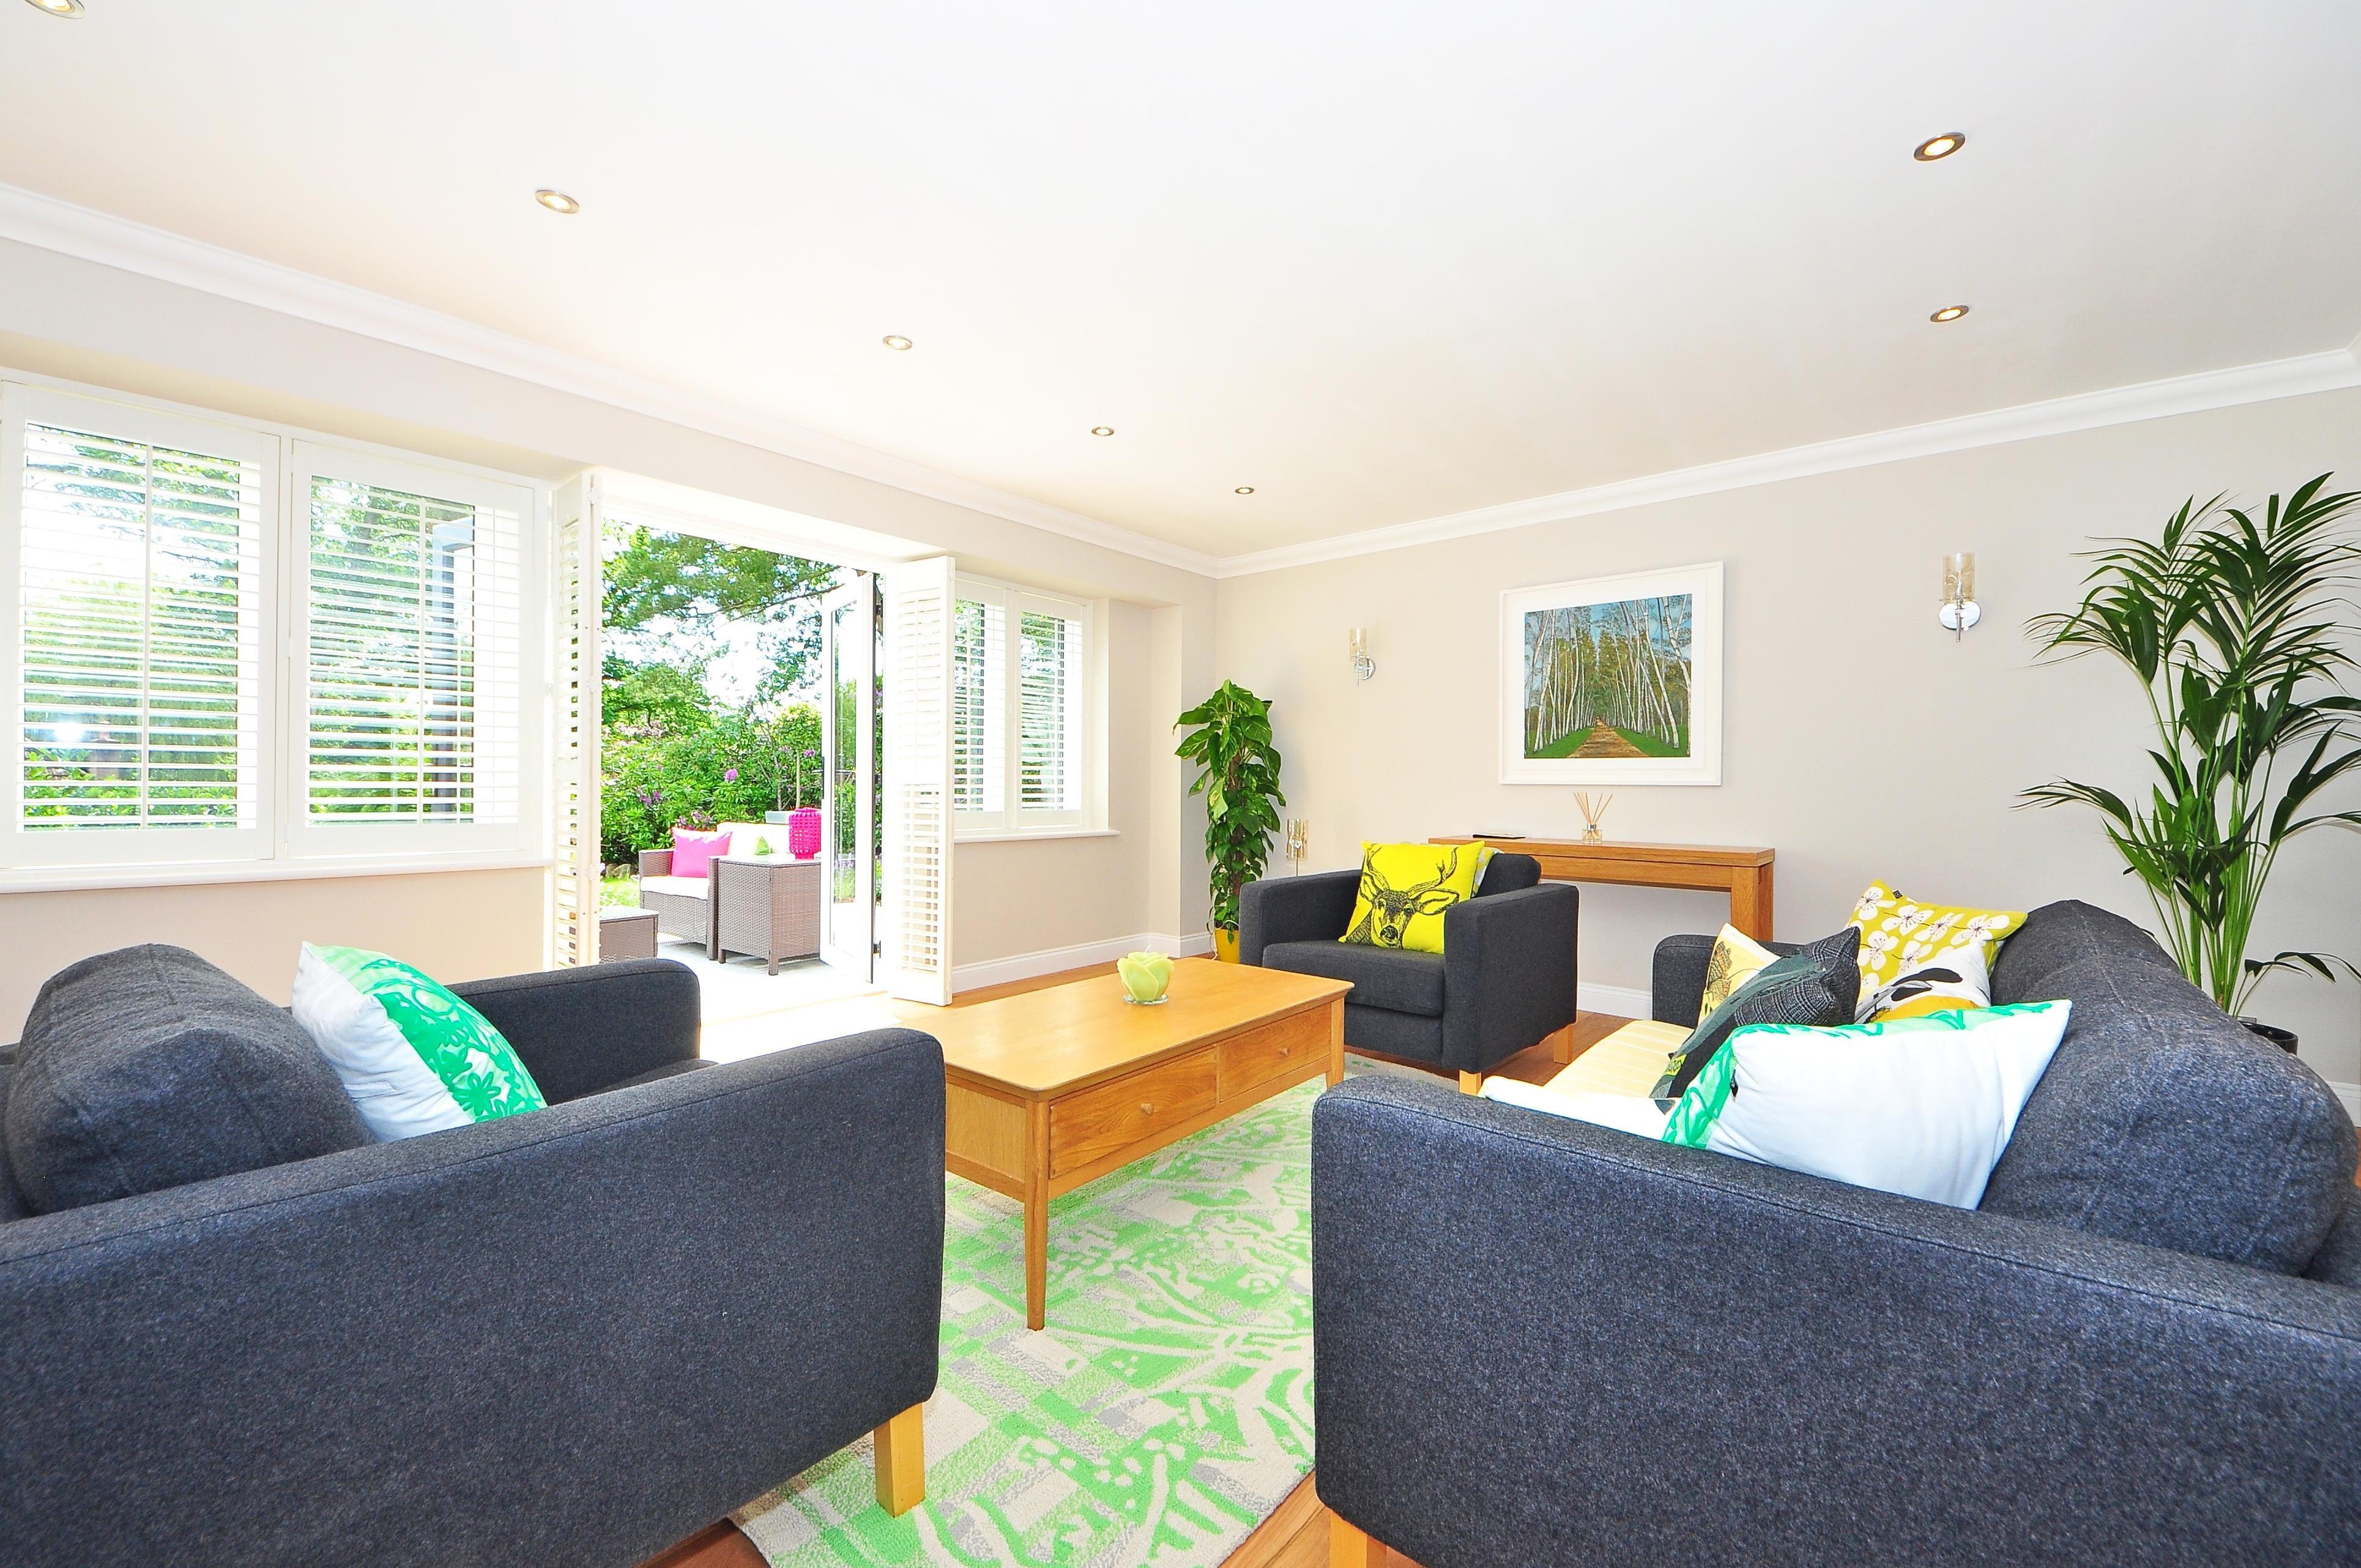 Kostenlose Bild: Möbel, Zimmer, Sofa, Zuhause, Heim, Stuhl, Haus ...